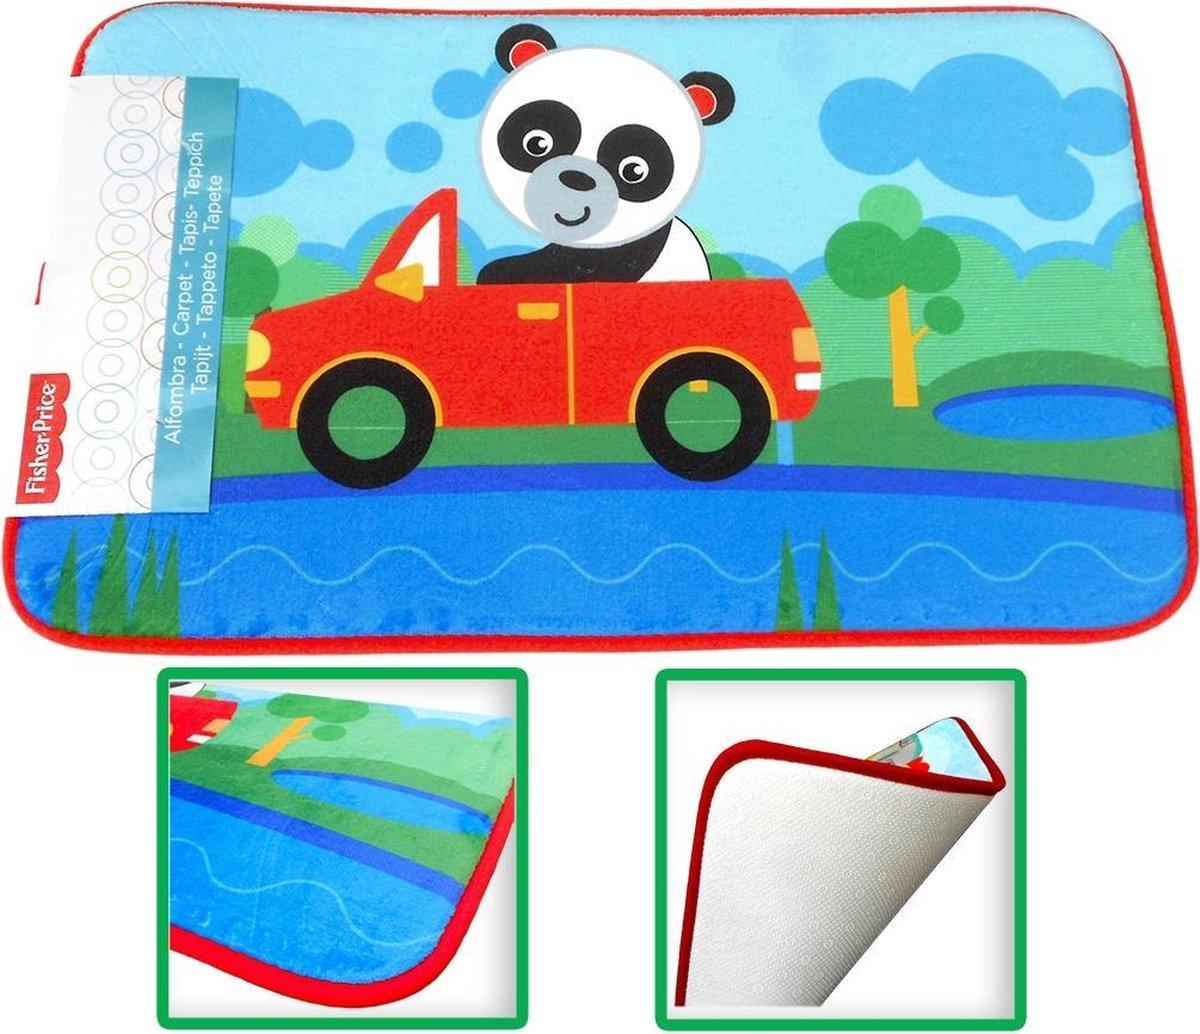 Fisher Price Panda speelkleed tapijtje baby - super zacht materiaal - 45 x 75 cm groot